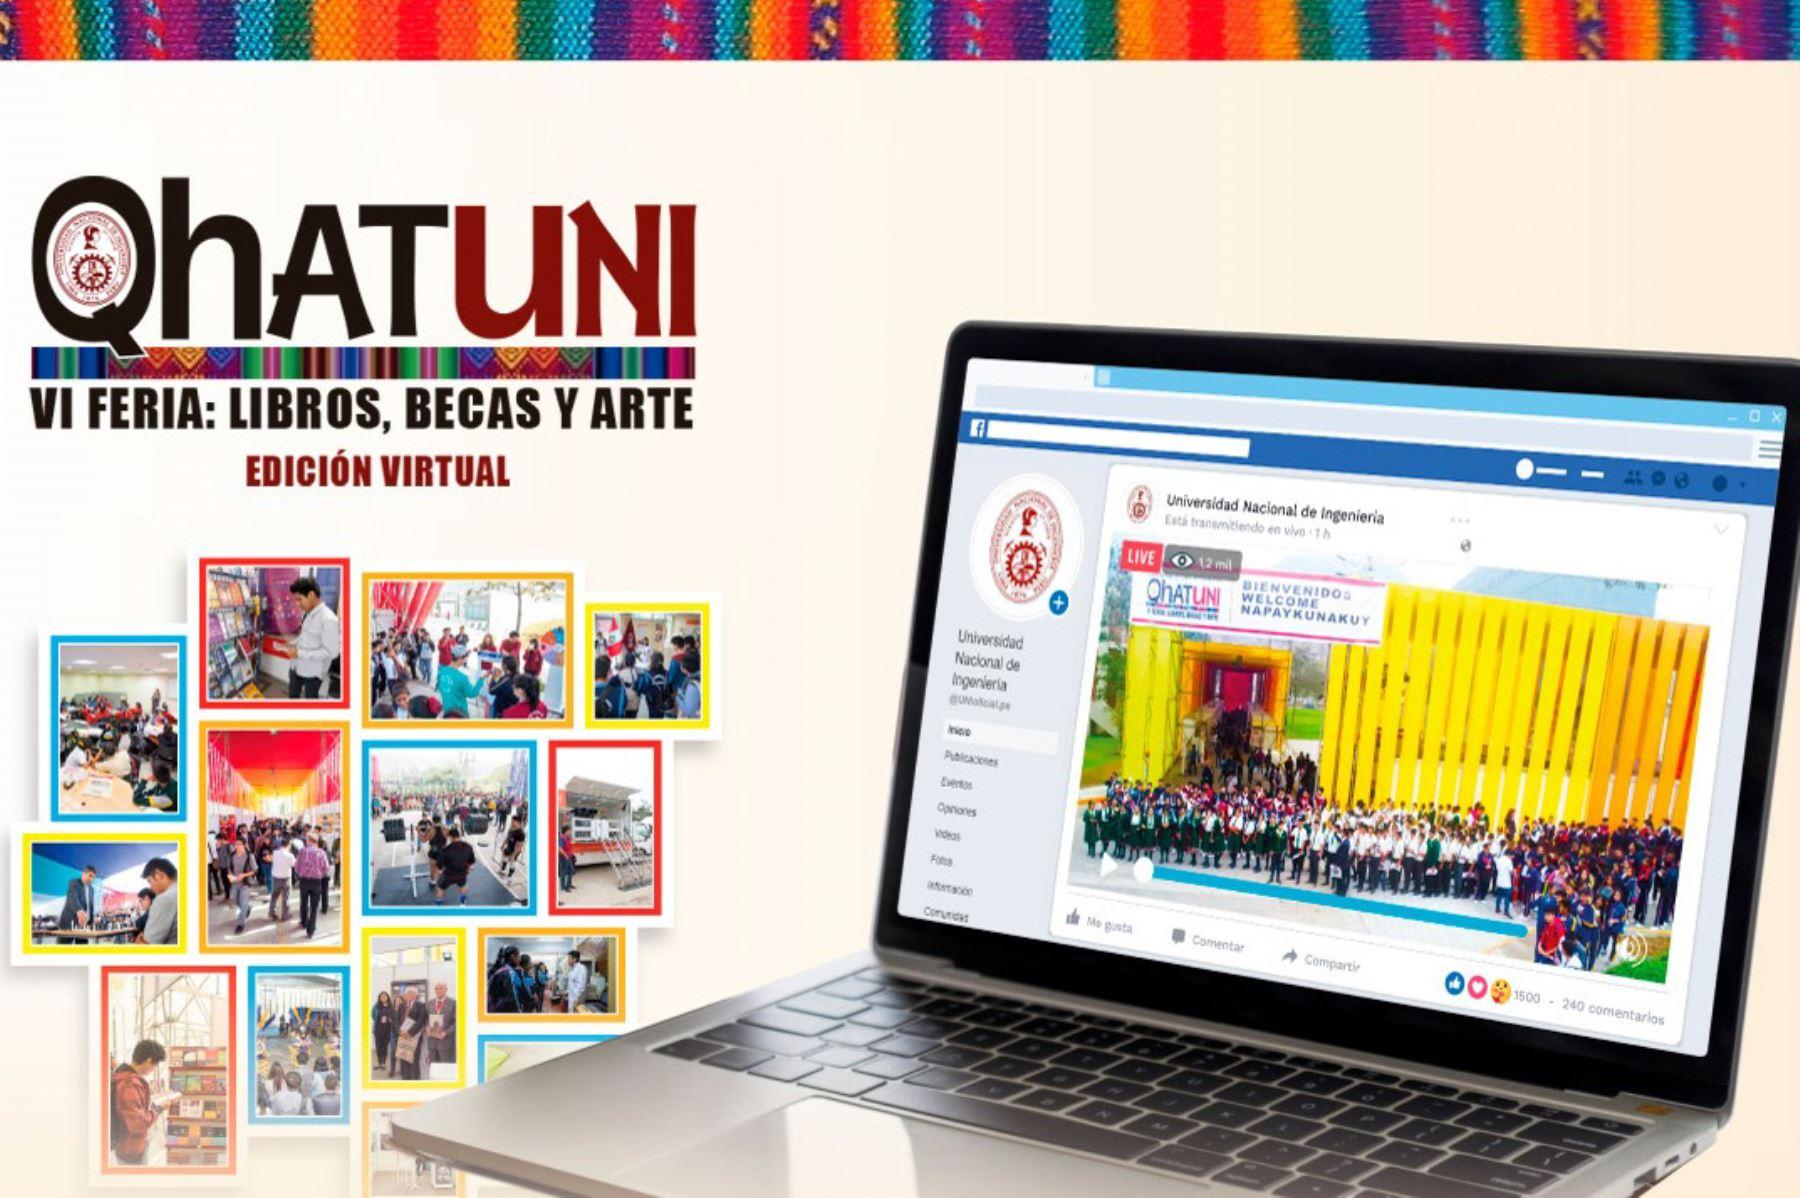 UNI: VI Feria de Libros, Becas y Arte Qhatuni inició jornada con novedades